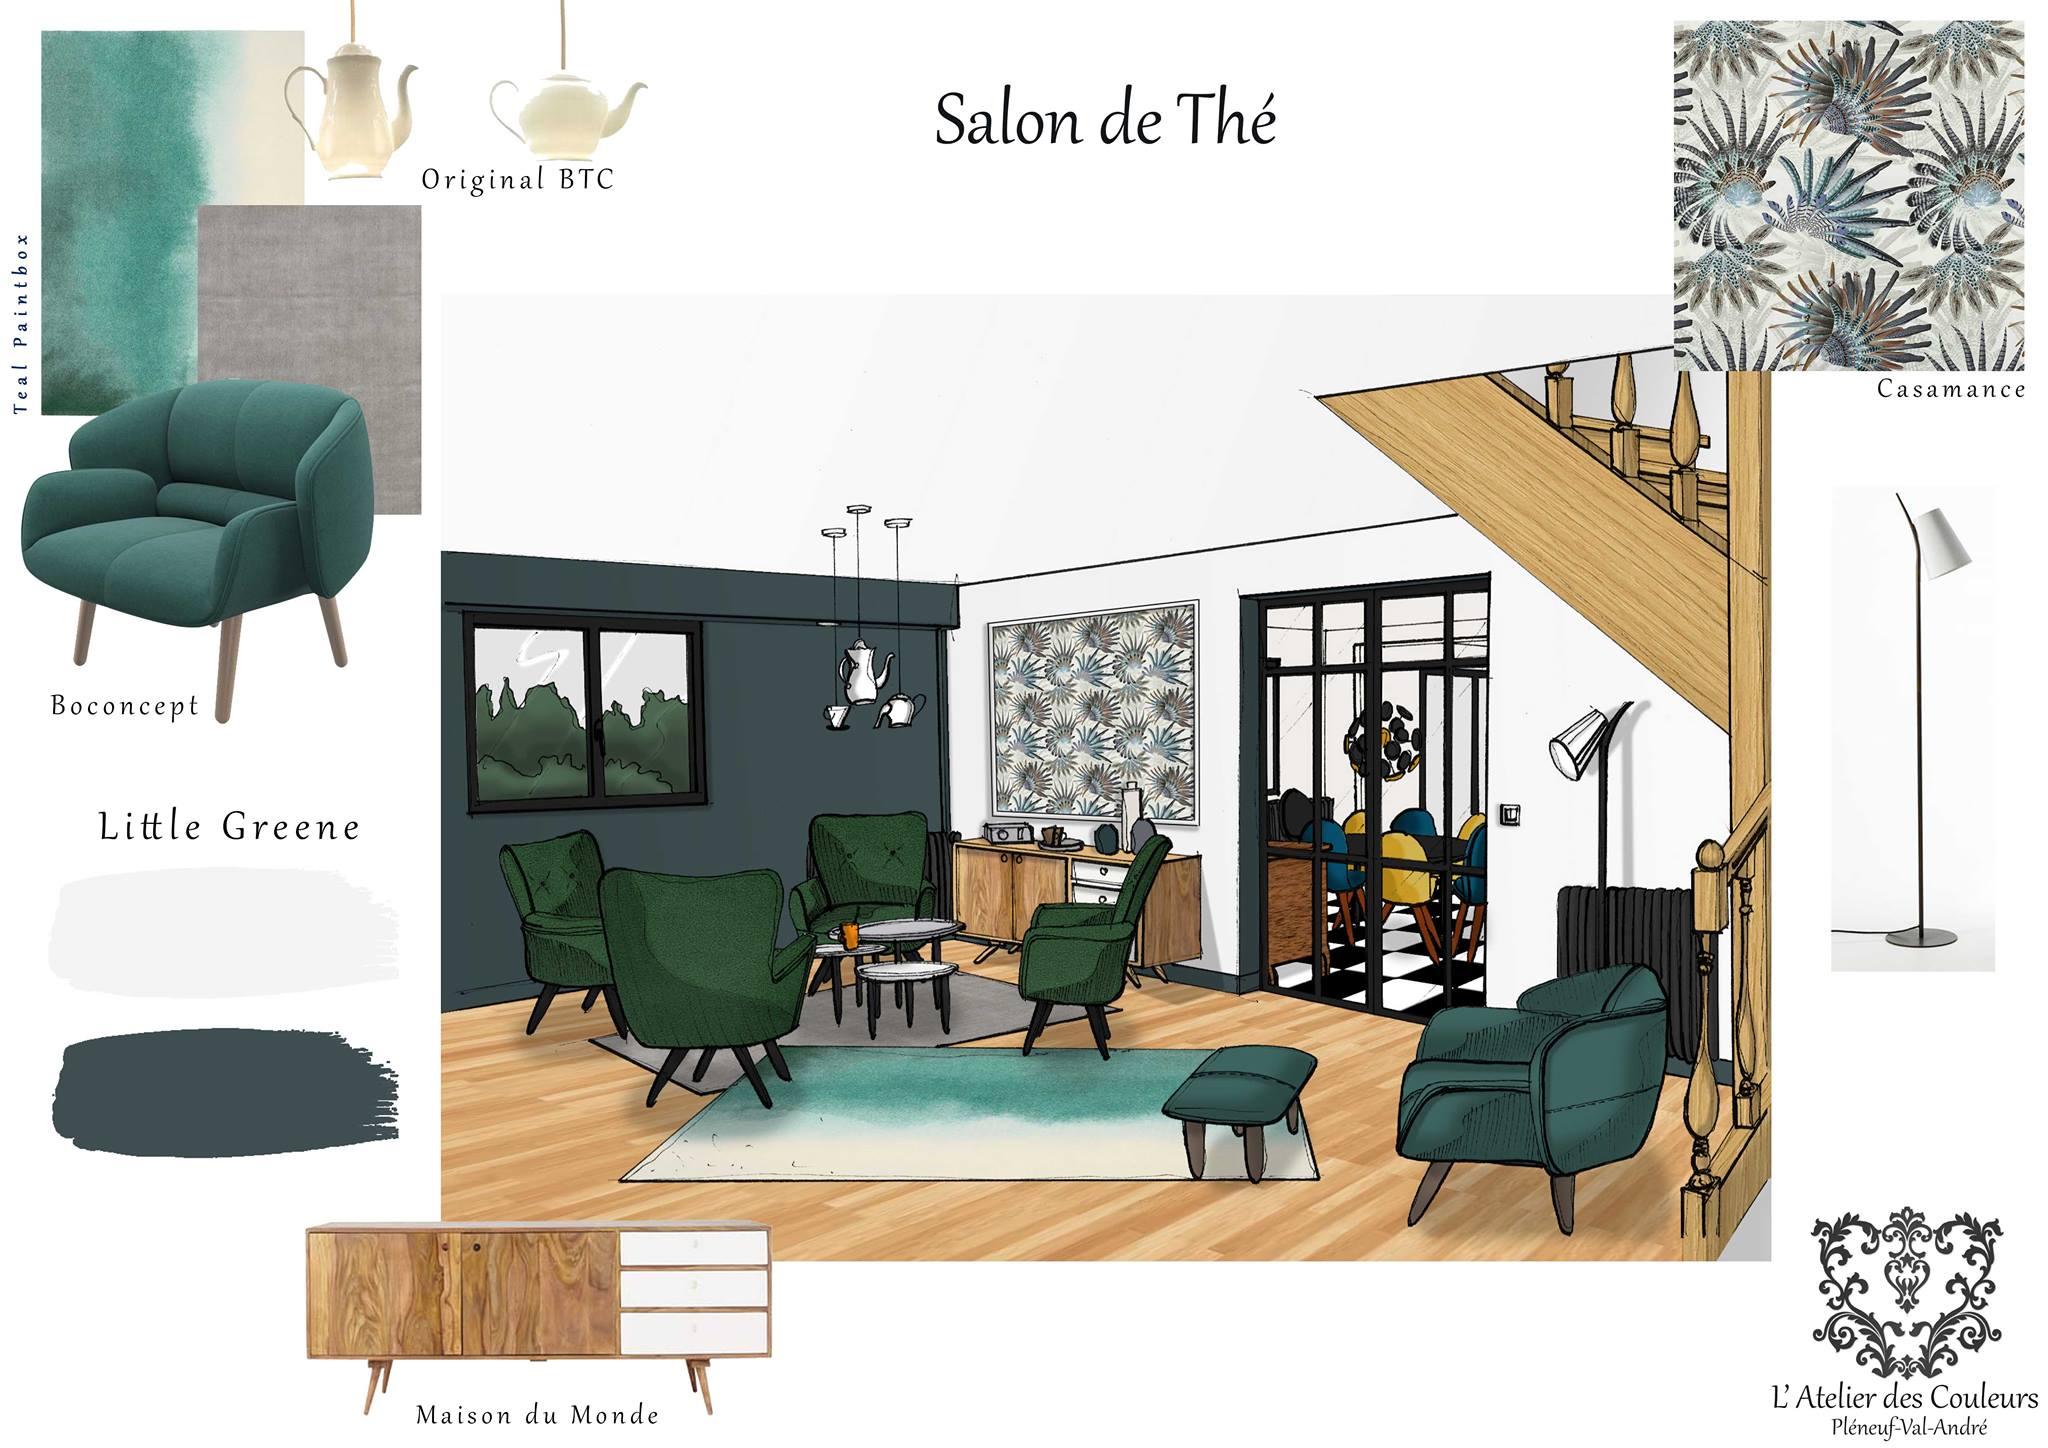 19022461_10213159856812237_712613602_o Décoration d'une maison complète